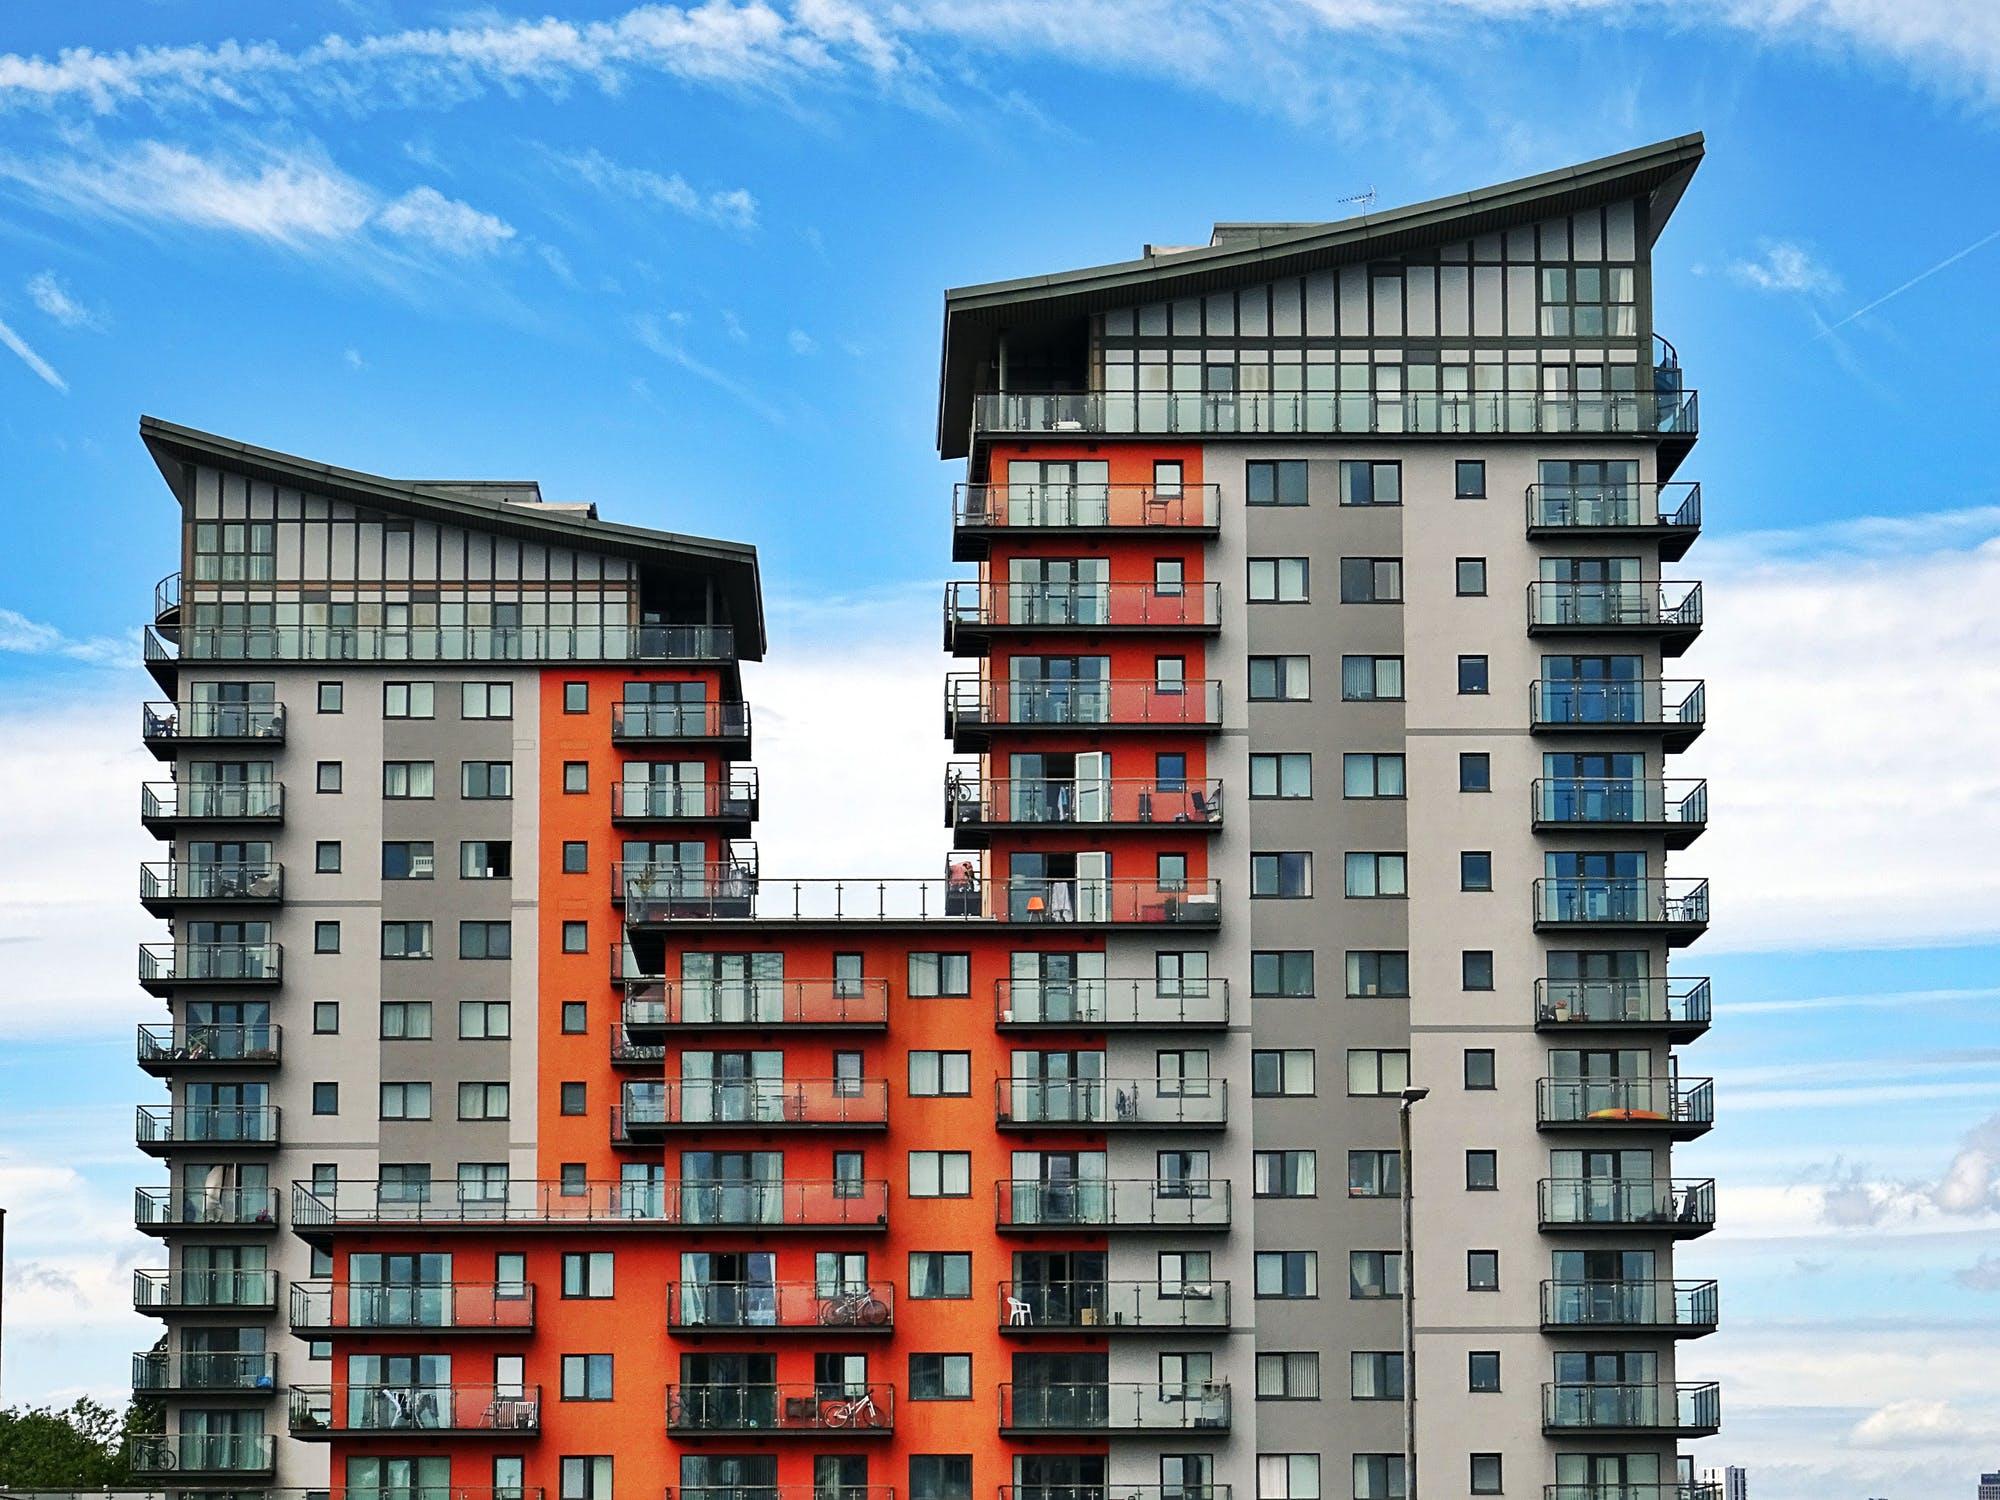 ВТБ: спрос на ипотеку с господдержкой вырос в 1,5 раза после снижения ставки - новости Афанасий